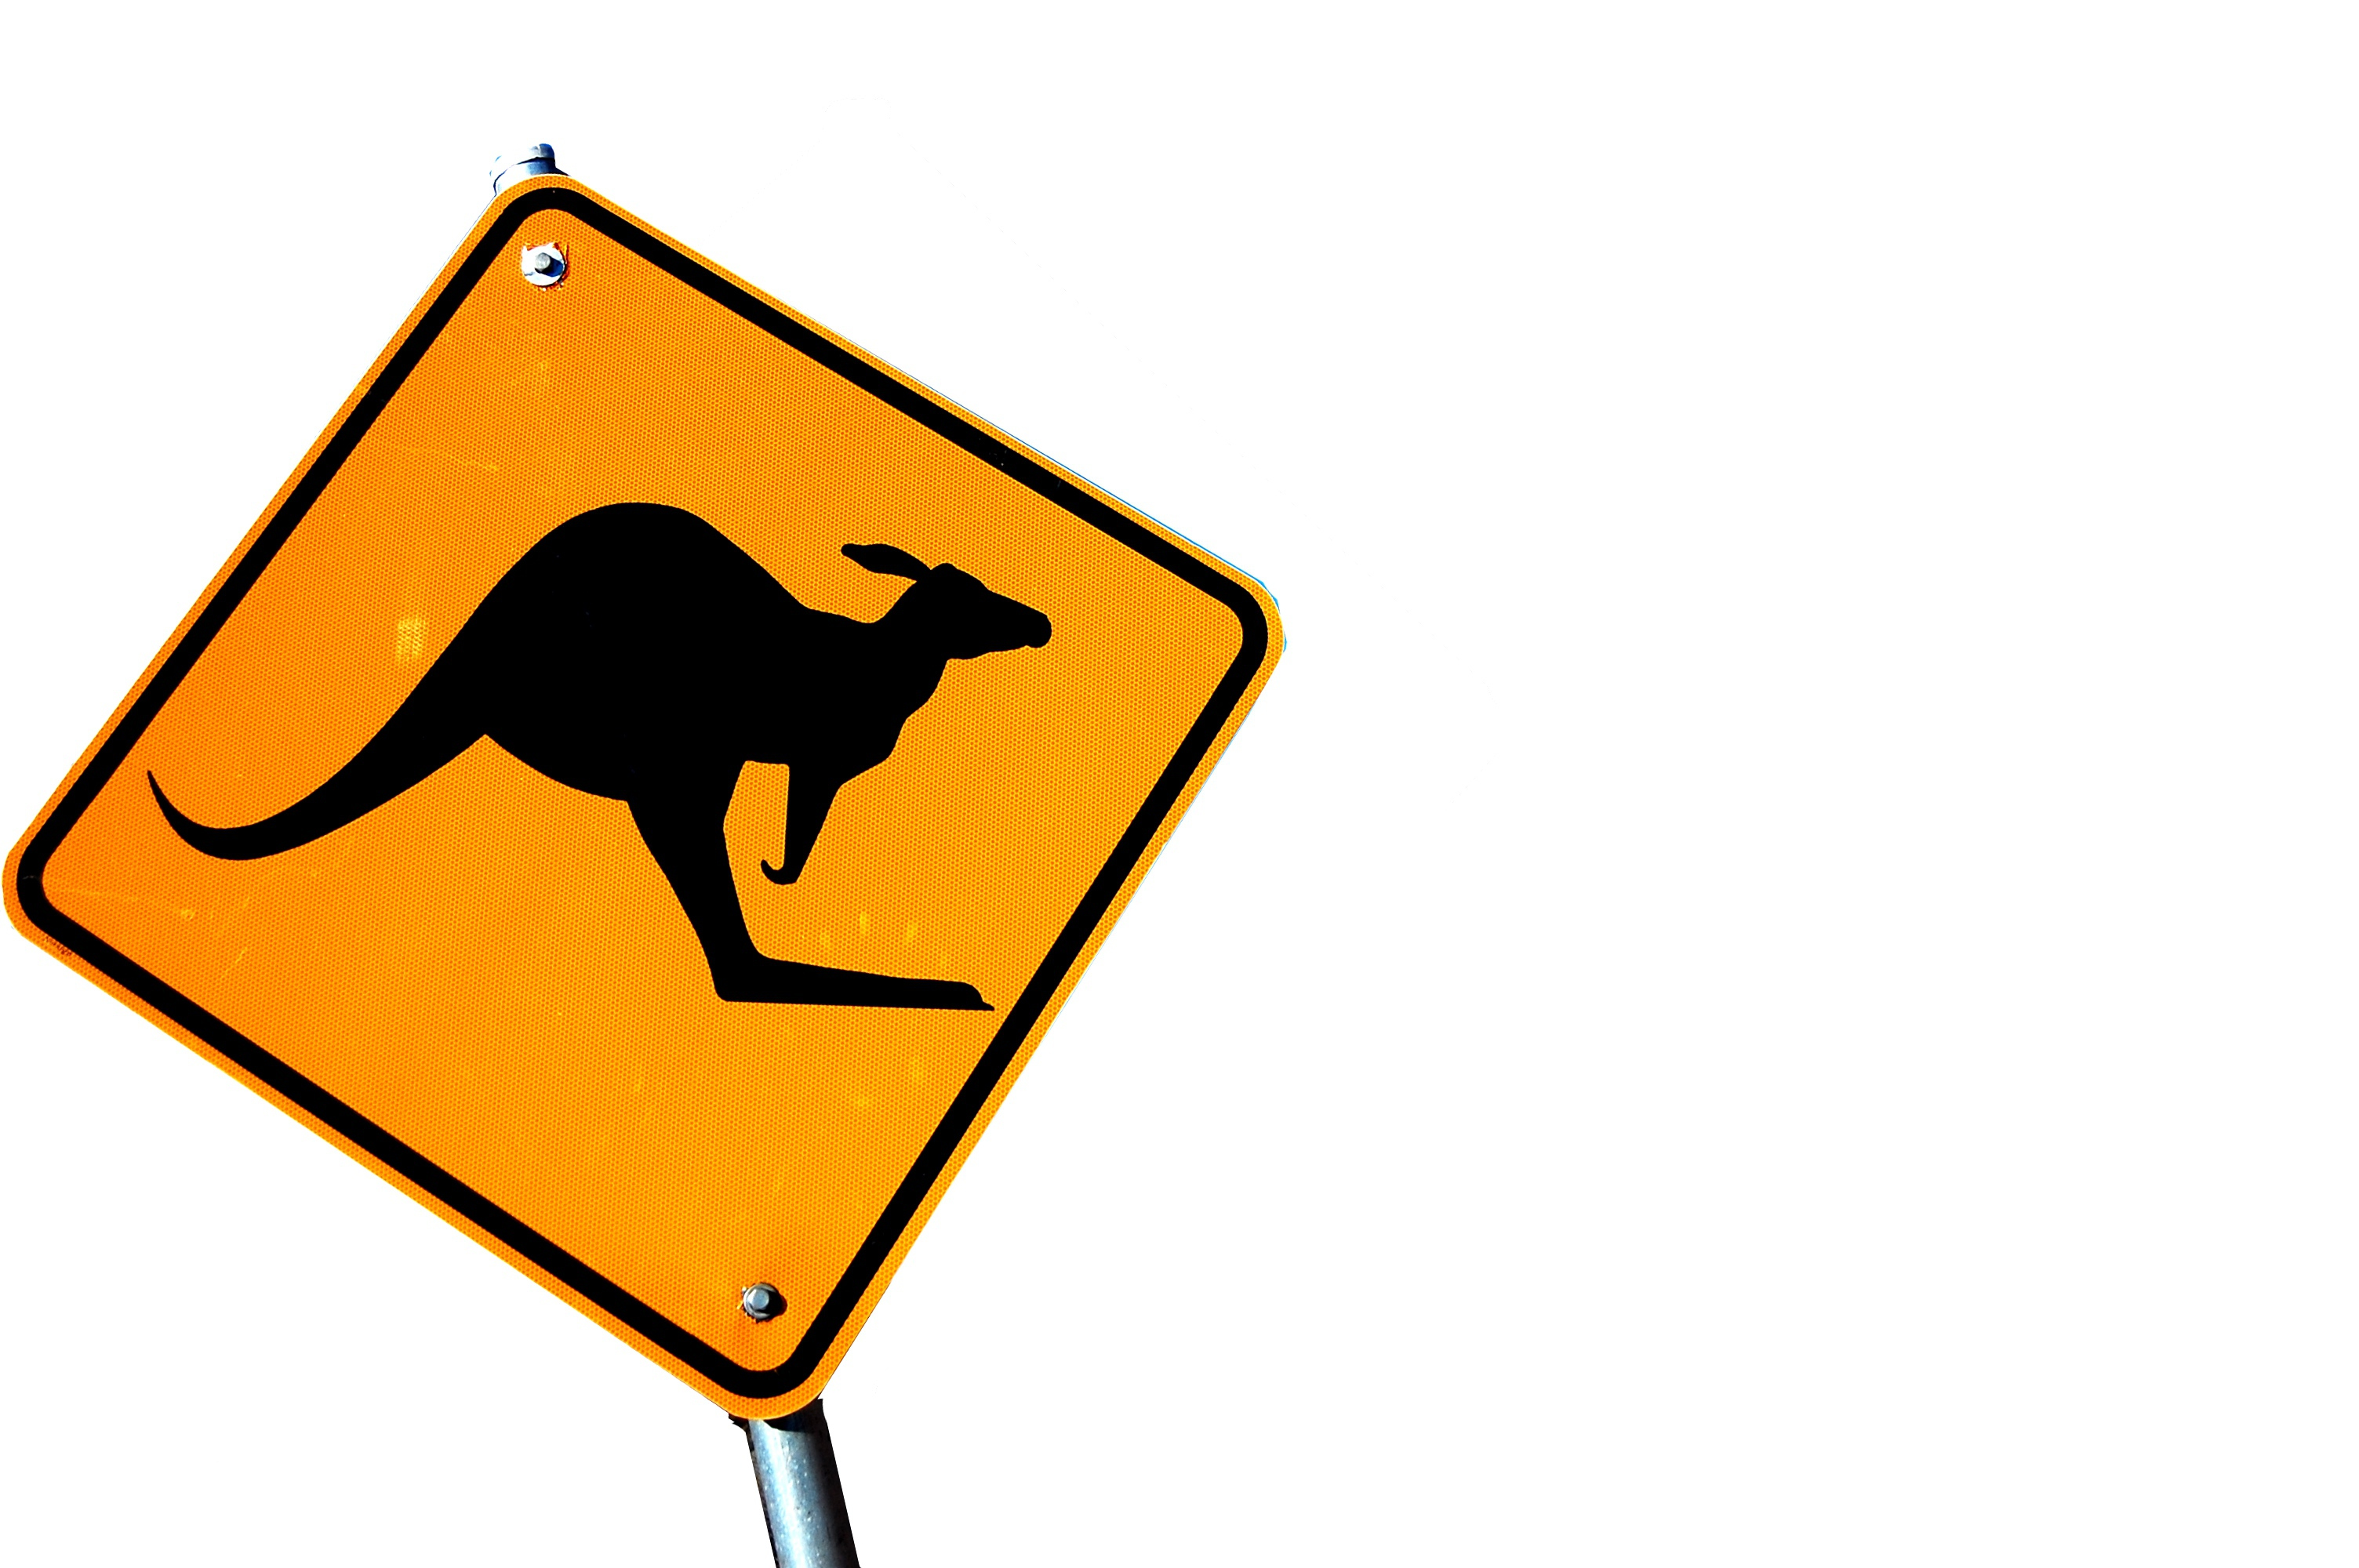 Segnale stradale Australia